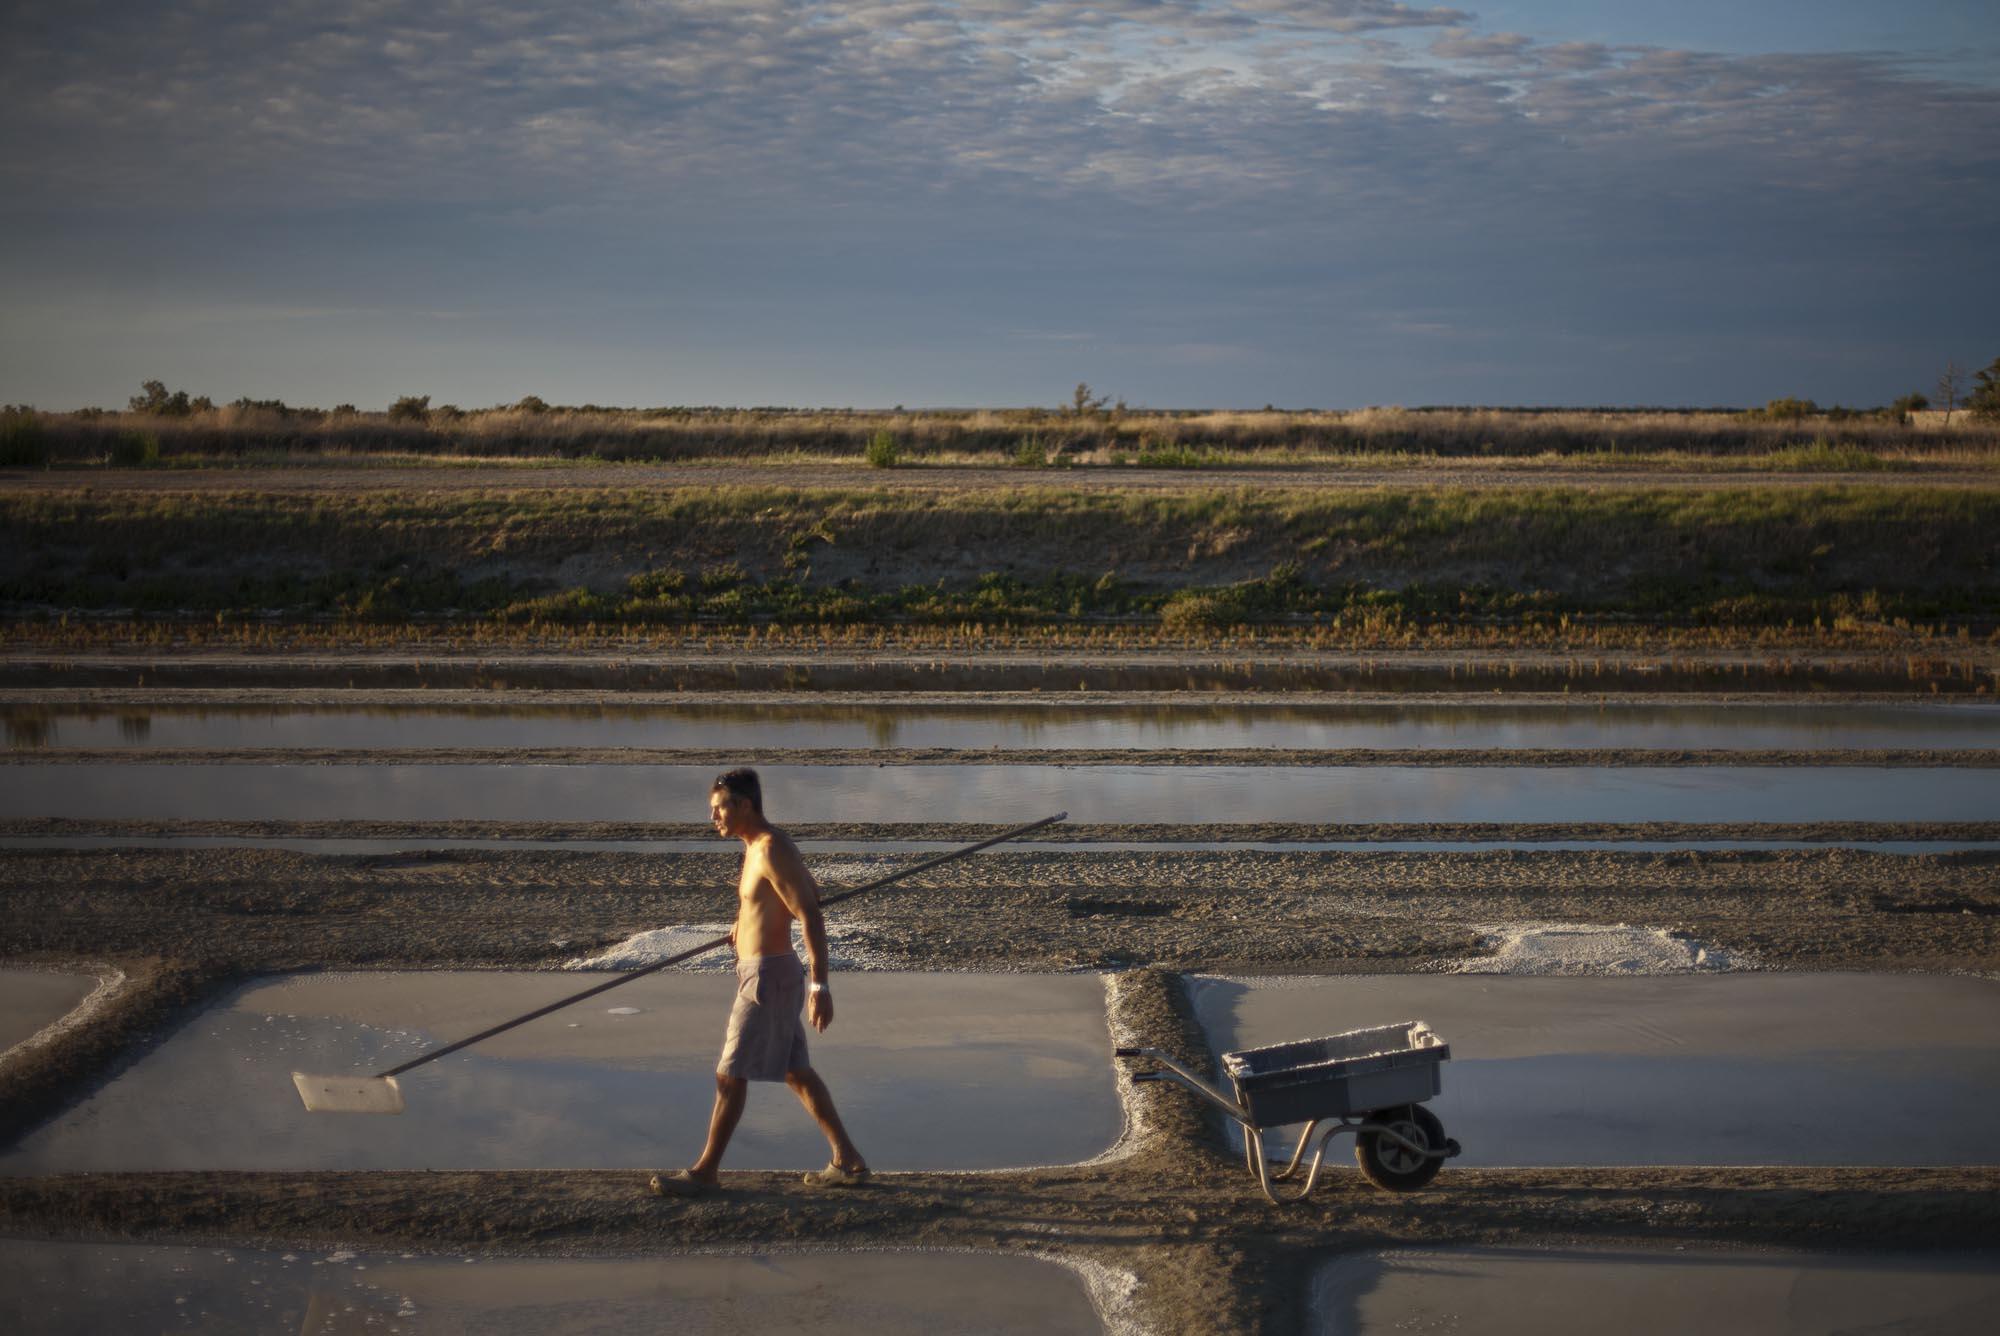 16/8/12 Loix: Emmanuel Mercier working on his salt fields outside the village of Loix, Ile de Re.